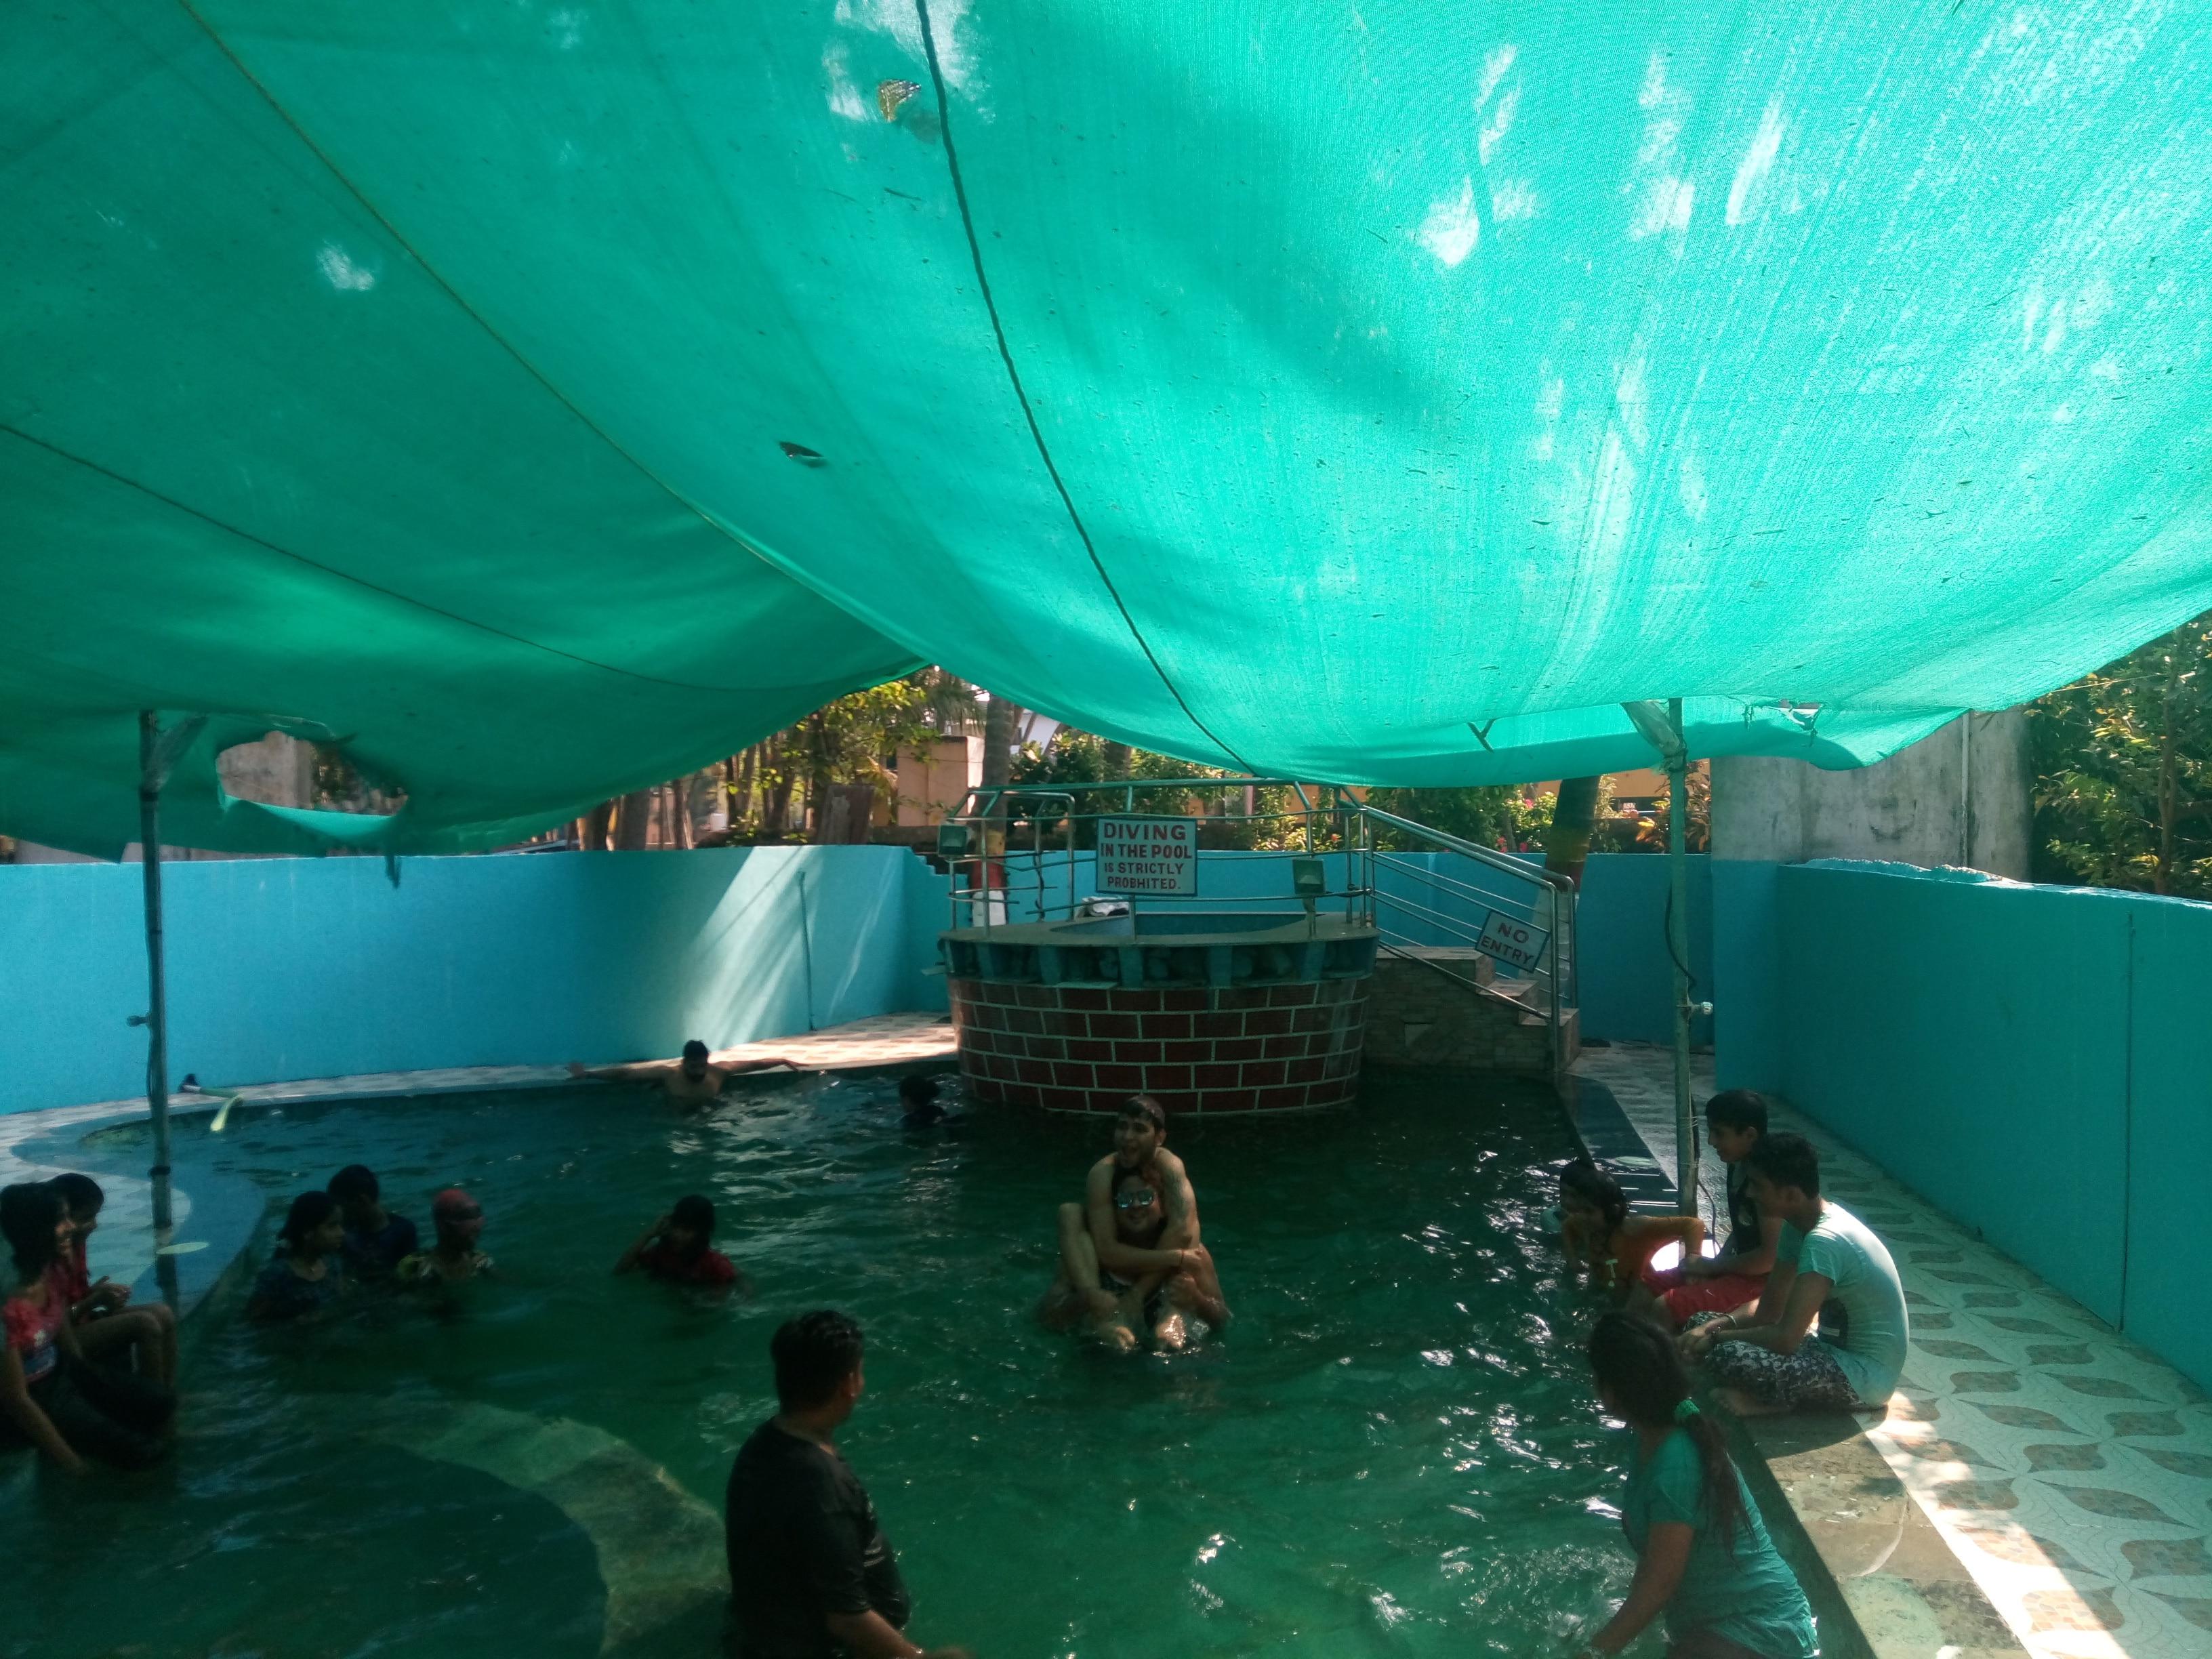 Family Pool at Gorai